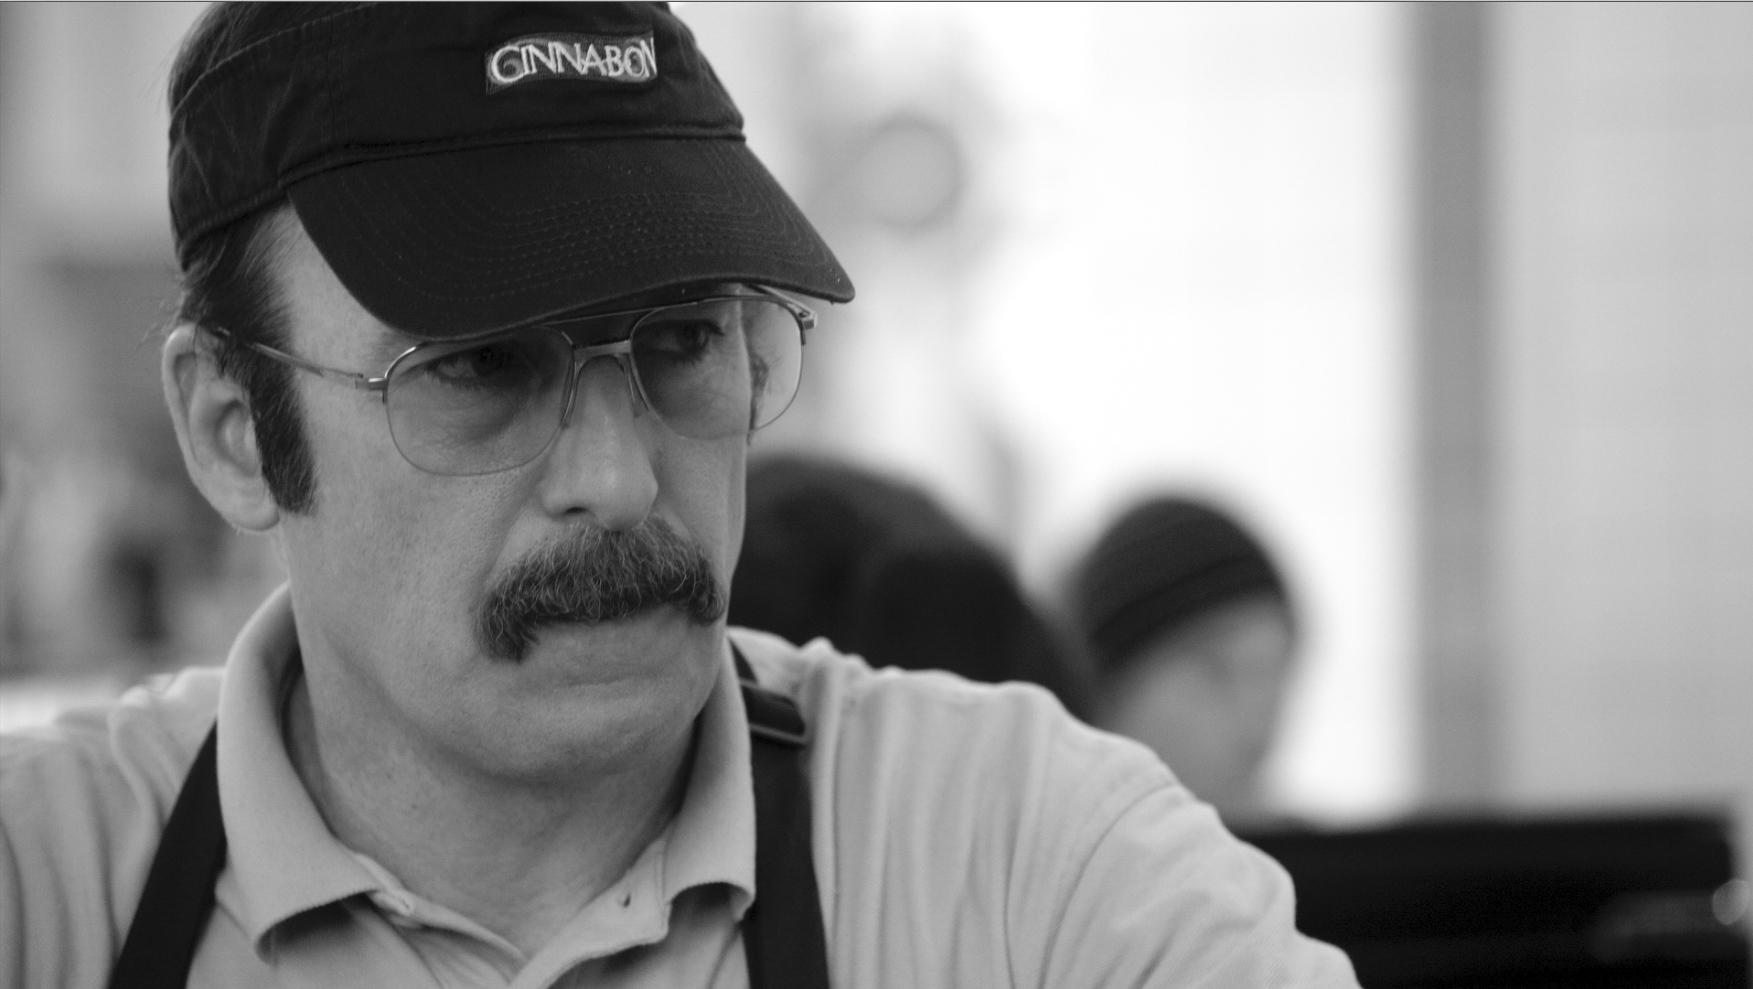 Bob Odenkirk as Gene on Better Call Saul.